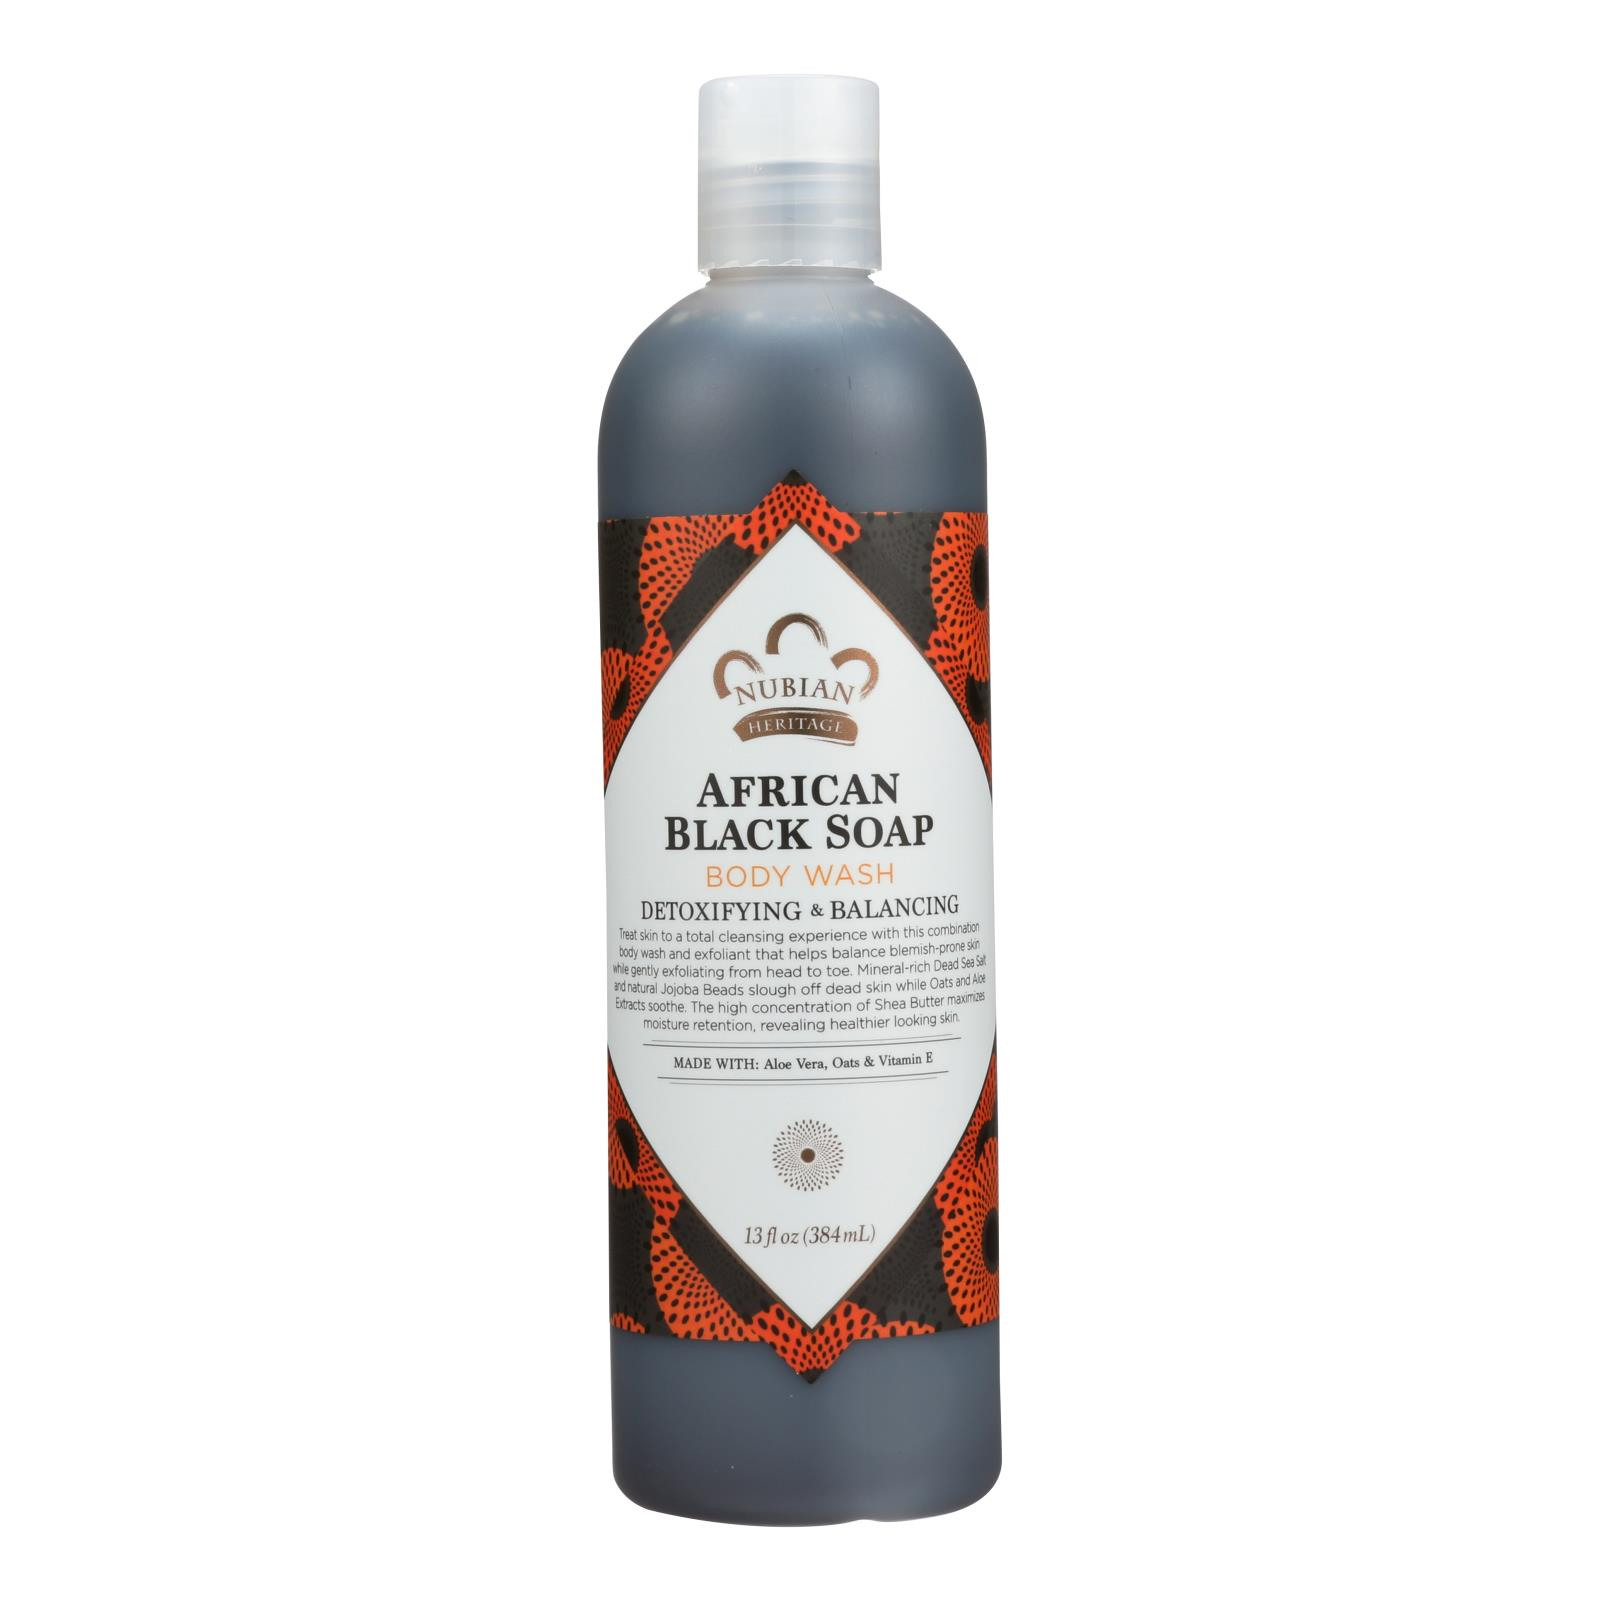 Nubian Heritage African Black Soap Body Wash and Scrub - 13 fl oz